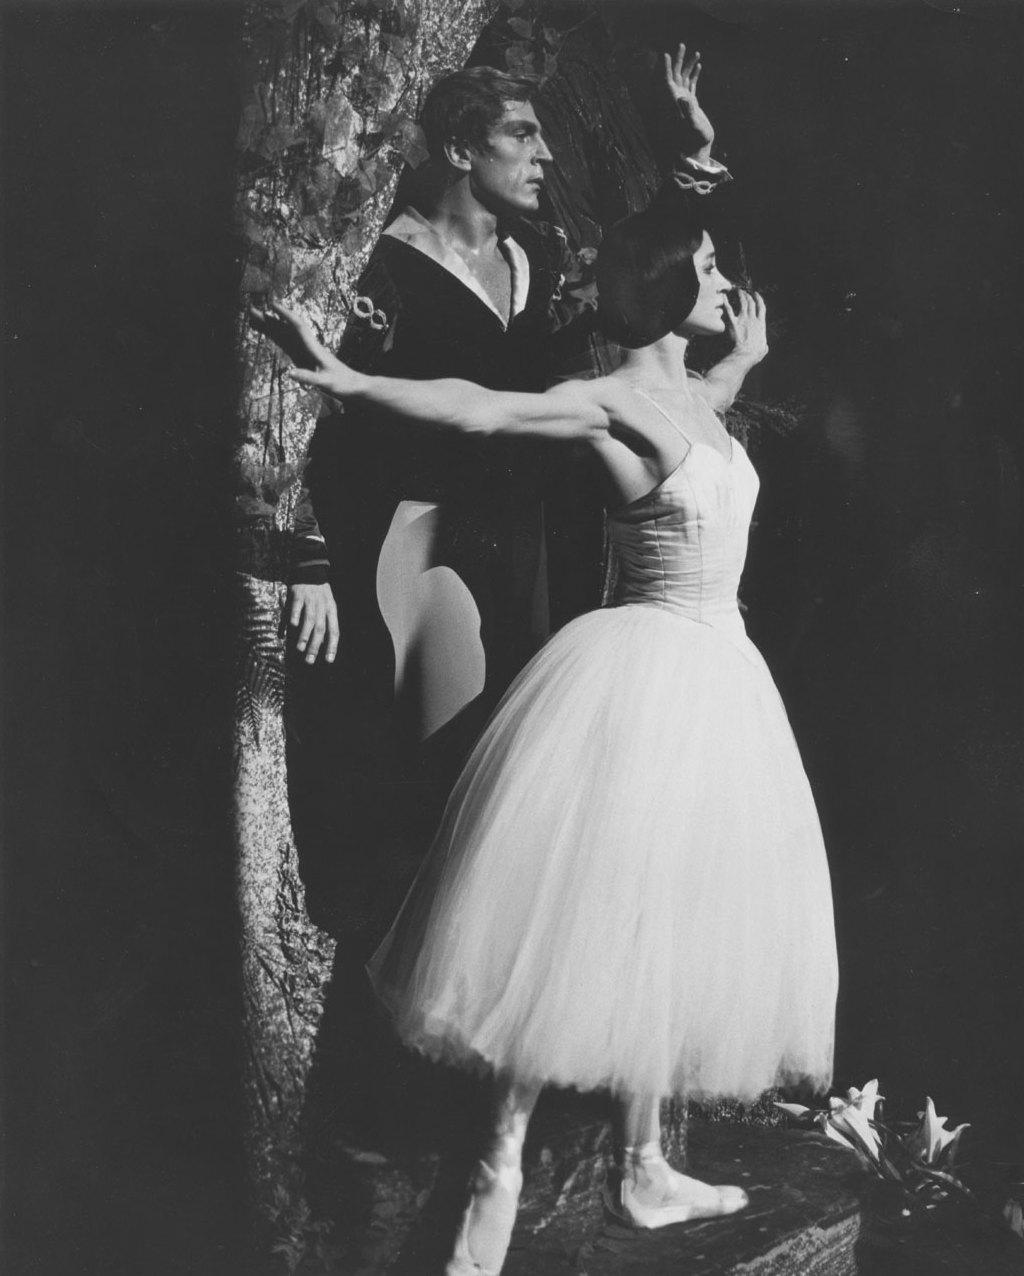 0715 history erik carla bruhn houston ballet giselle trwstf